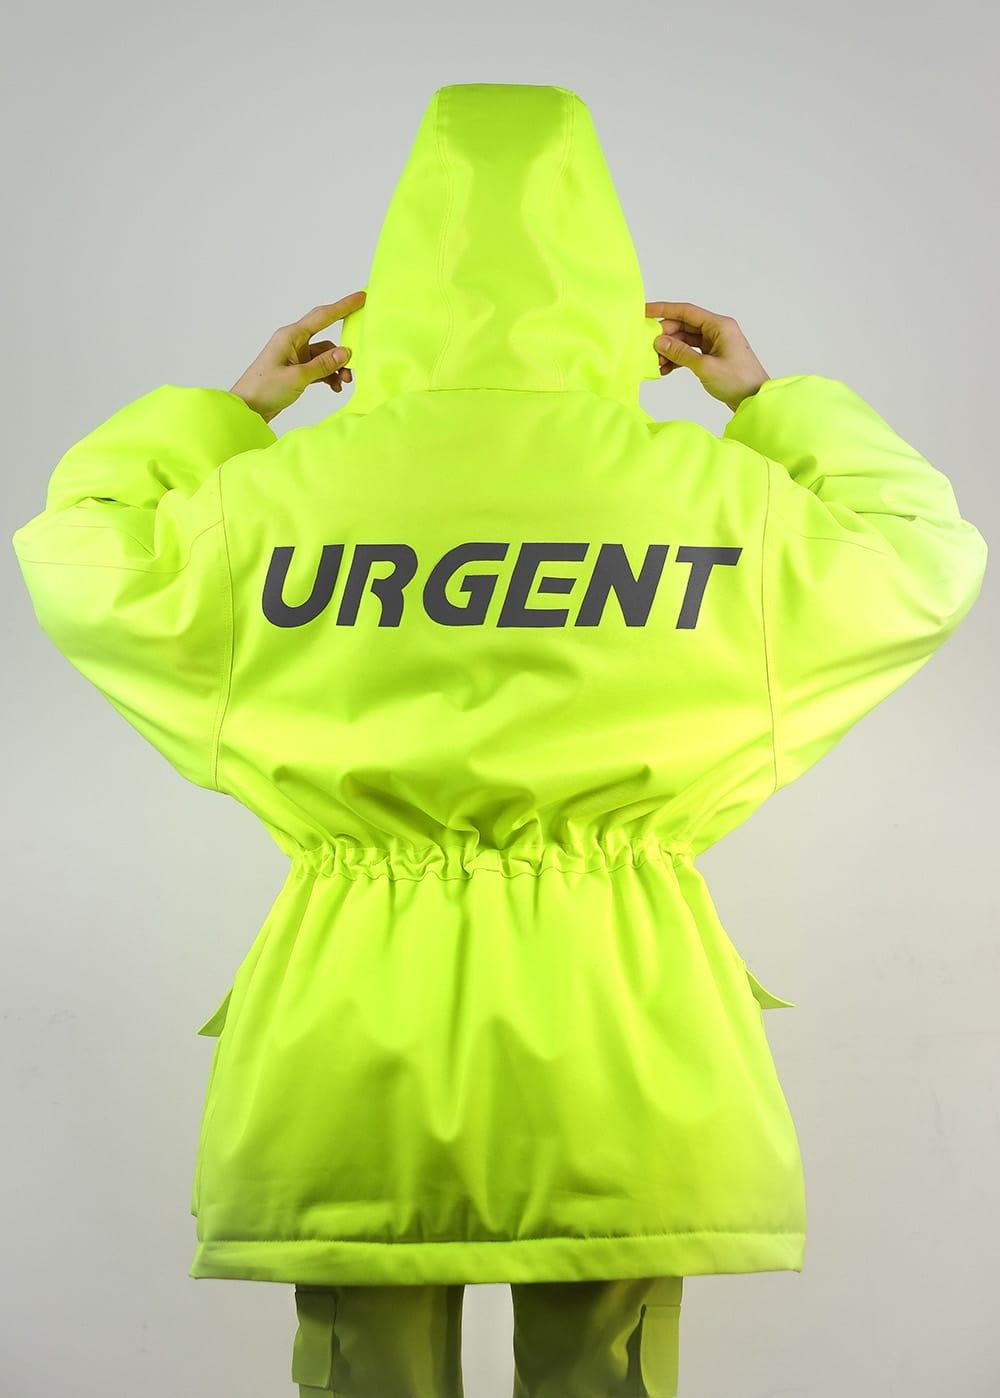 Visibility URGENT Jacket 324